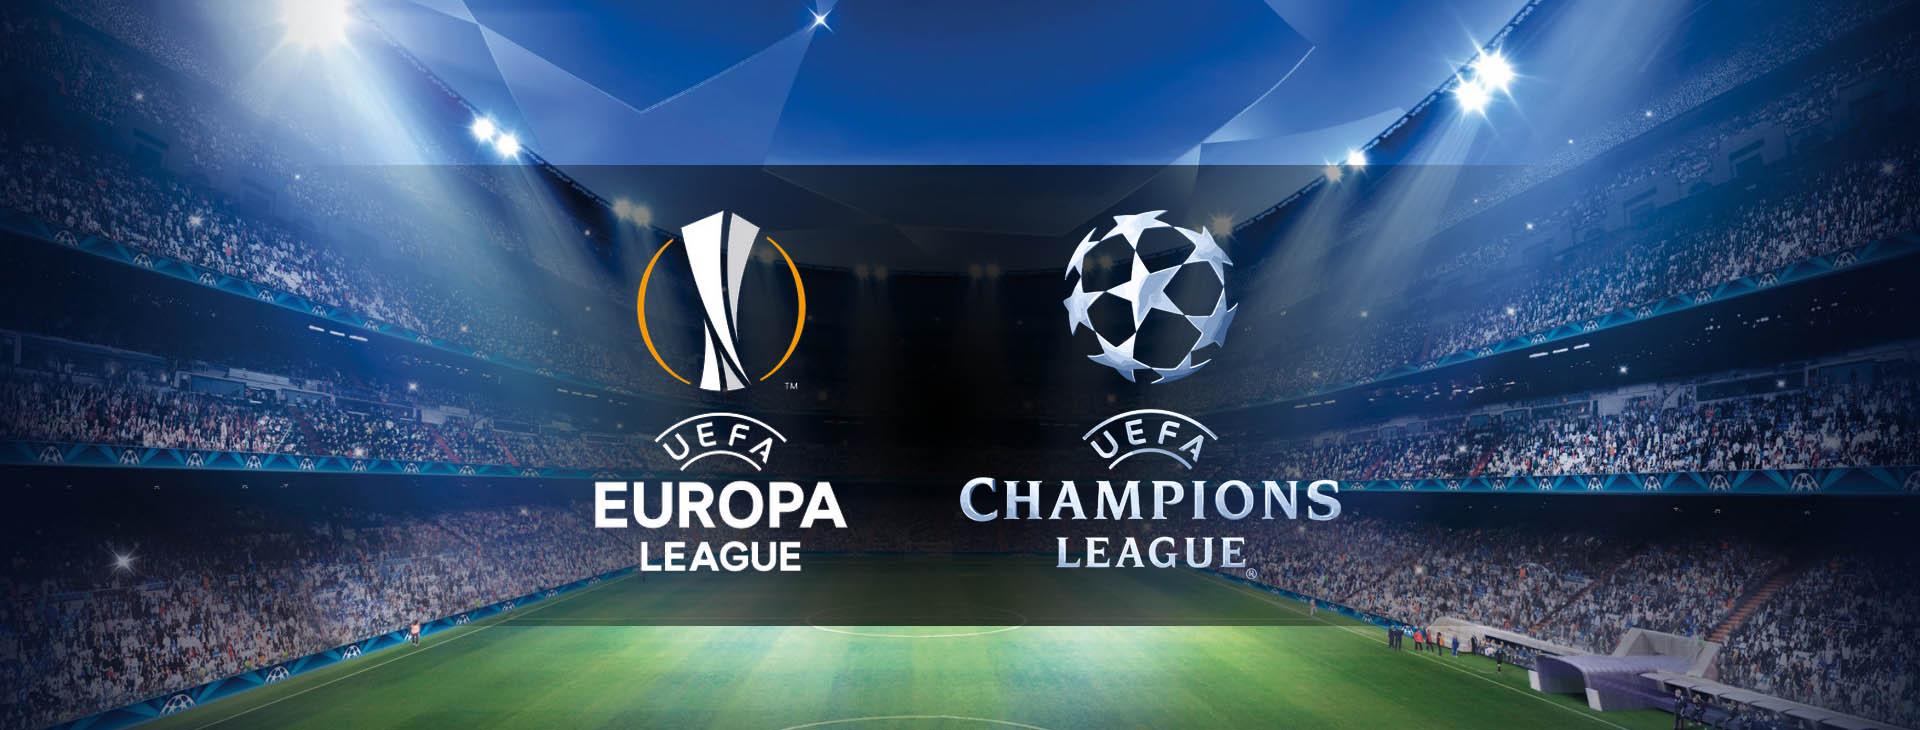 UEFA Avrupa Ligi: UEFA Şampiyonlar Ligi Ve UEFA Avrupa Ligi Heyecanı Tivibu